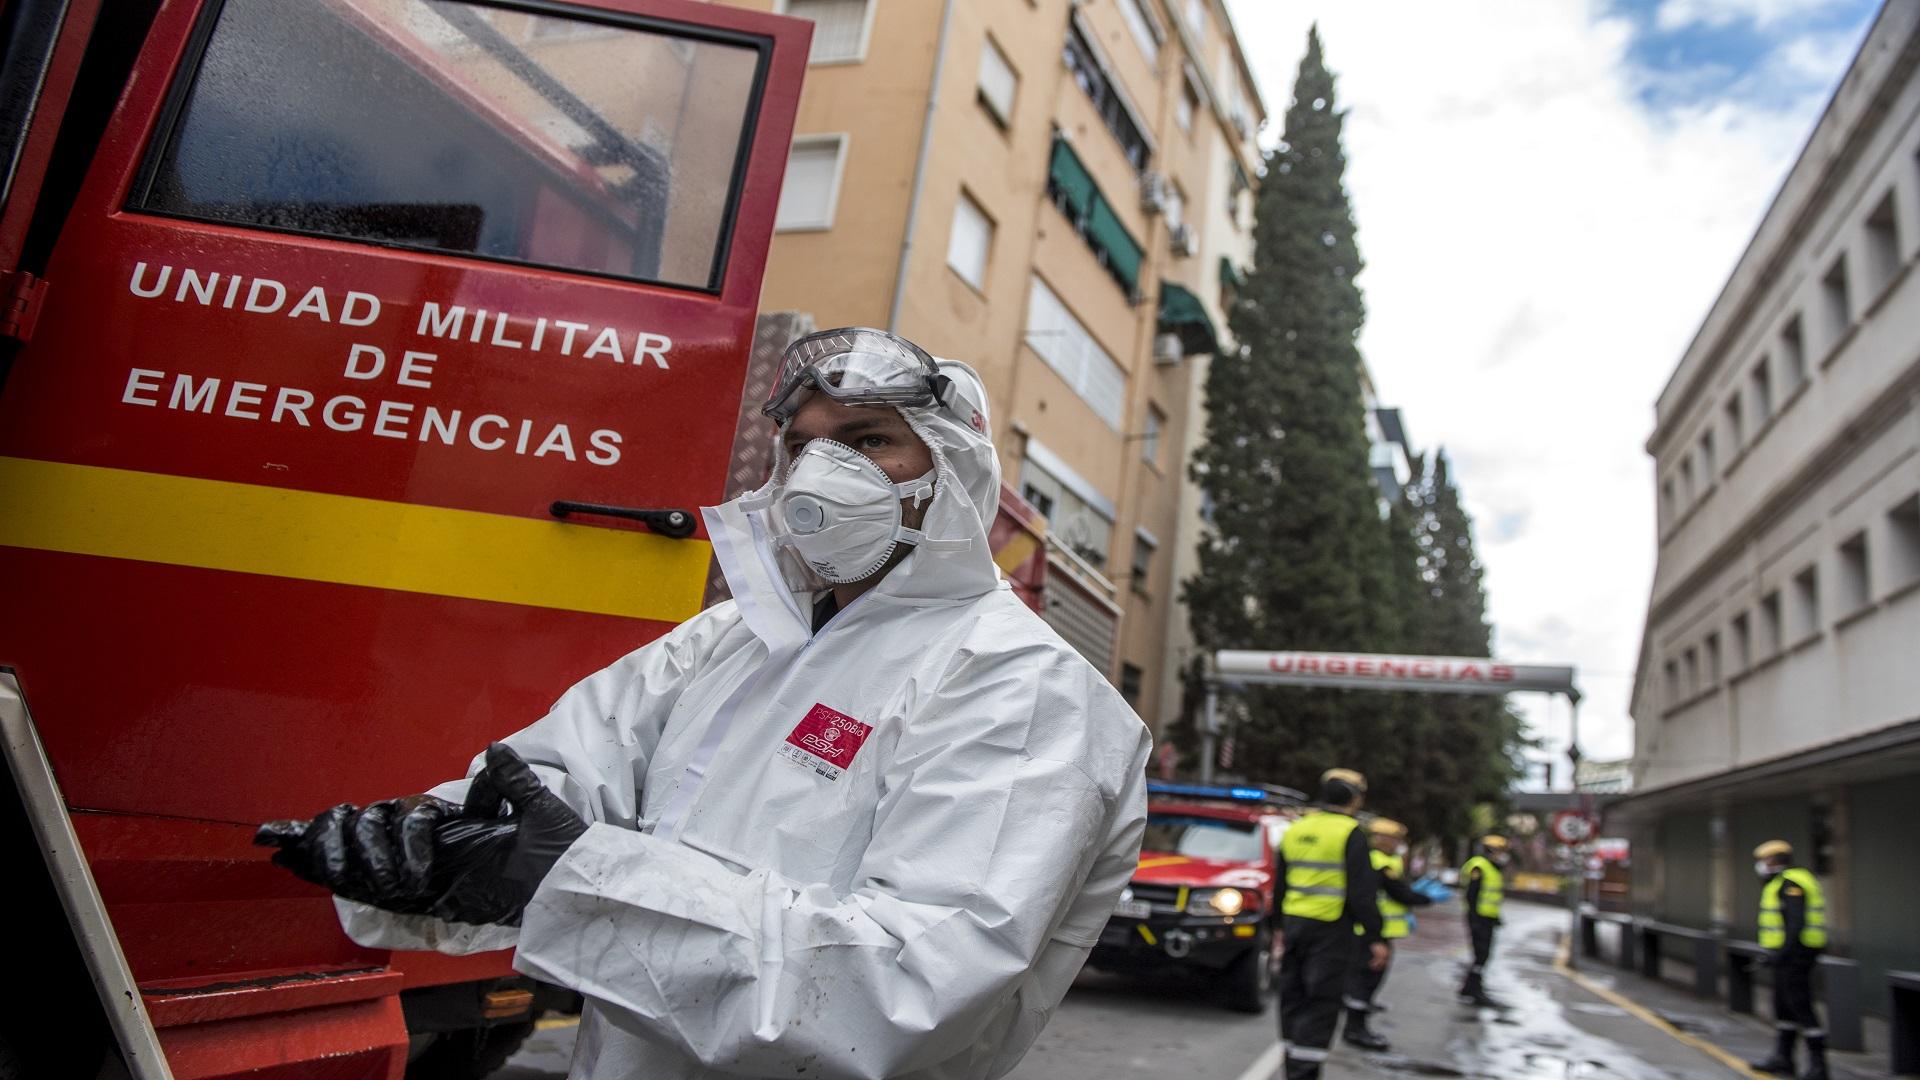 عدد الإصابات بفيروس كورونا في اسبانيا تجاوز عتبة الـ 3 ملايين حالة